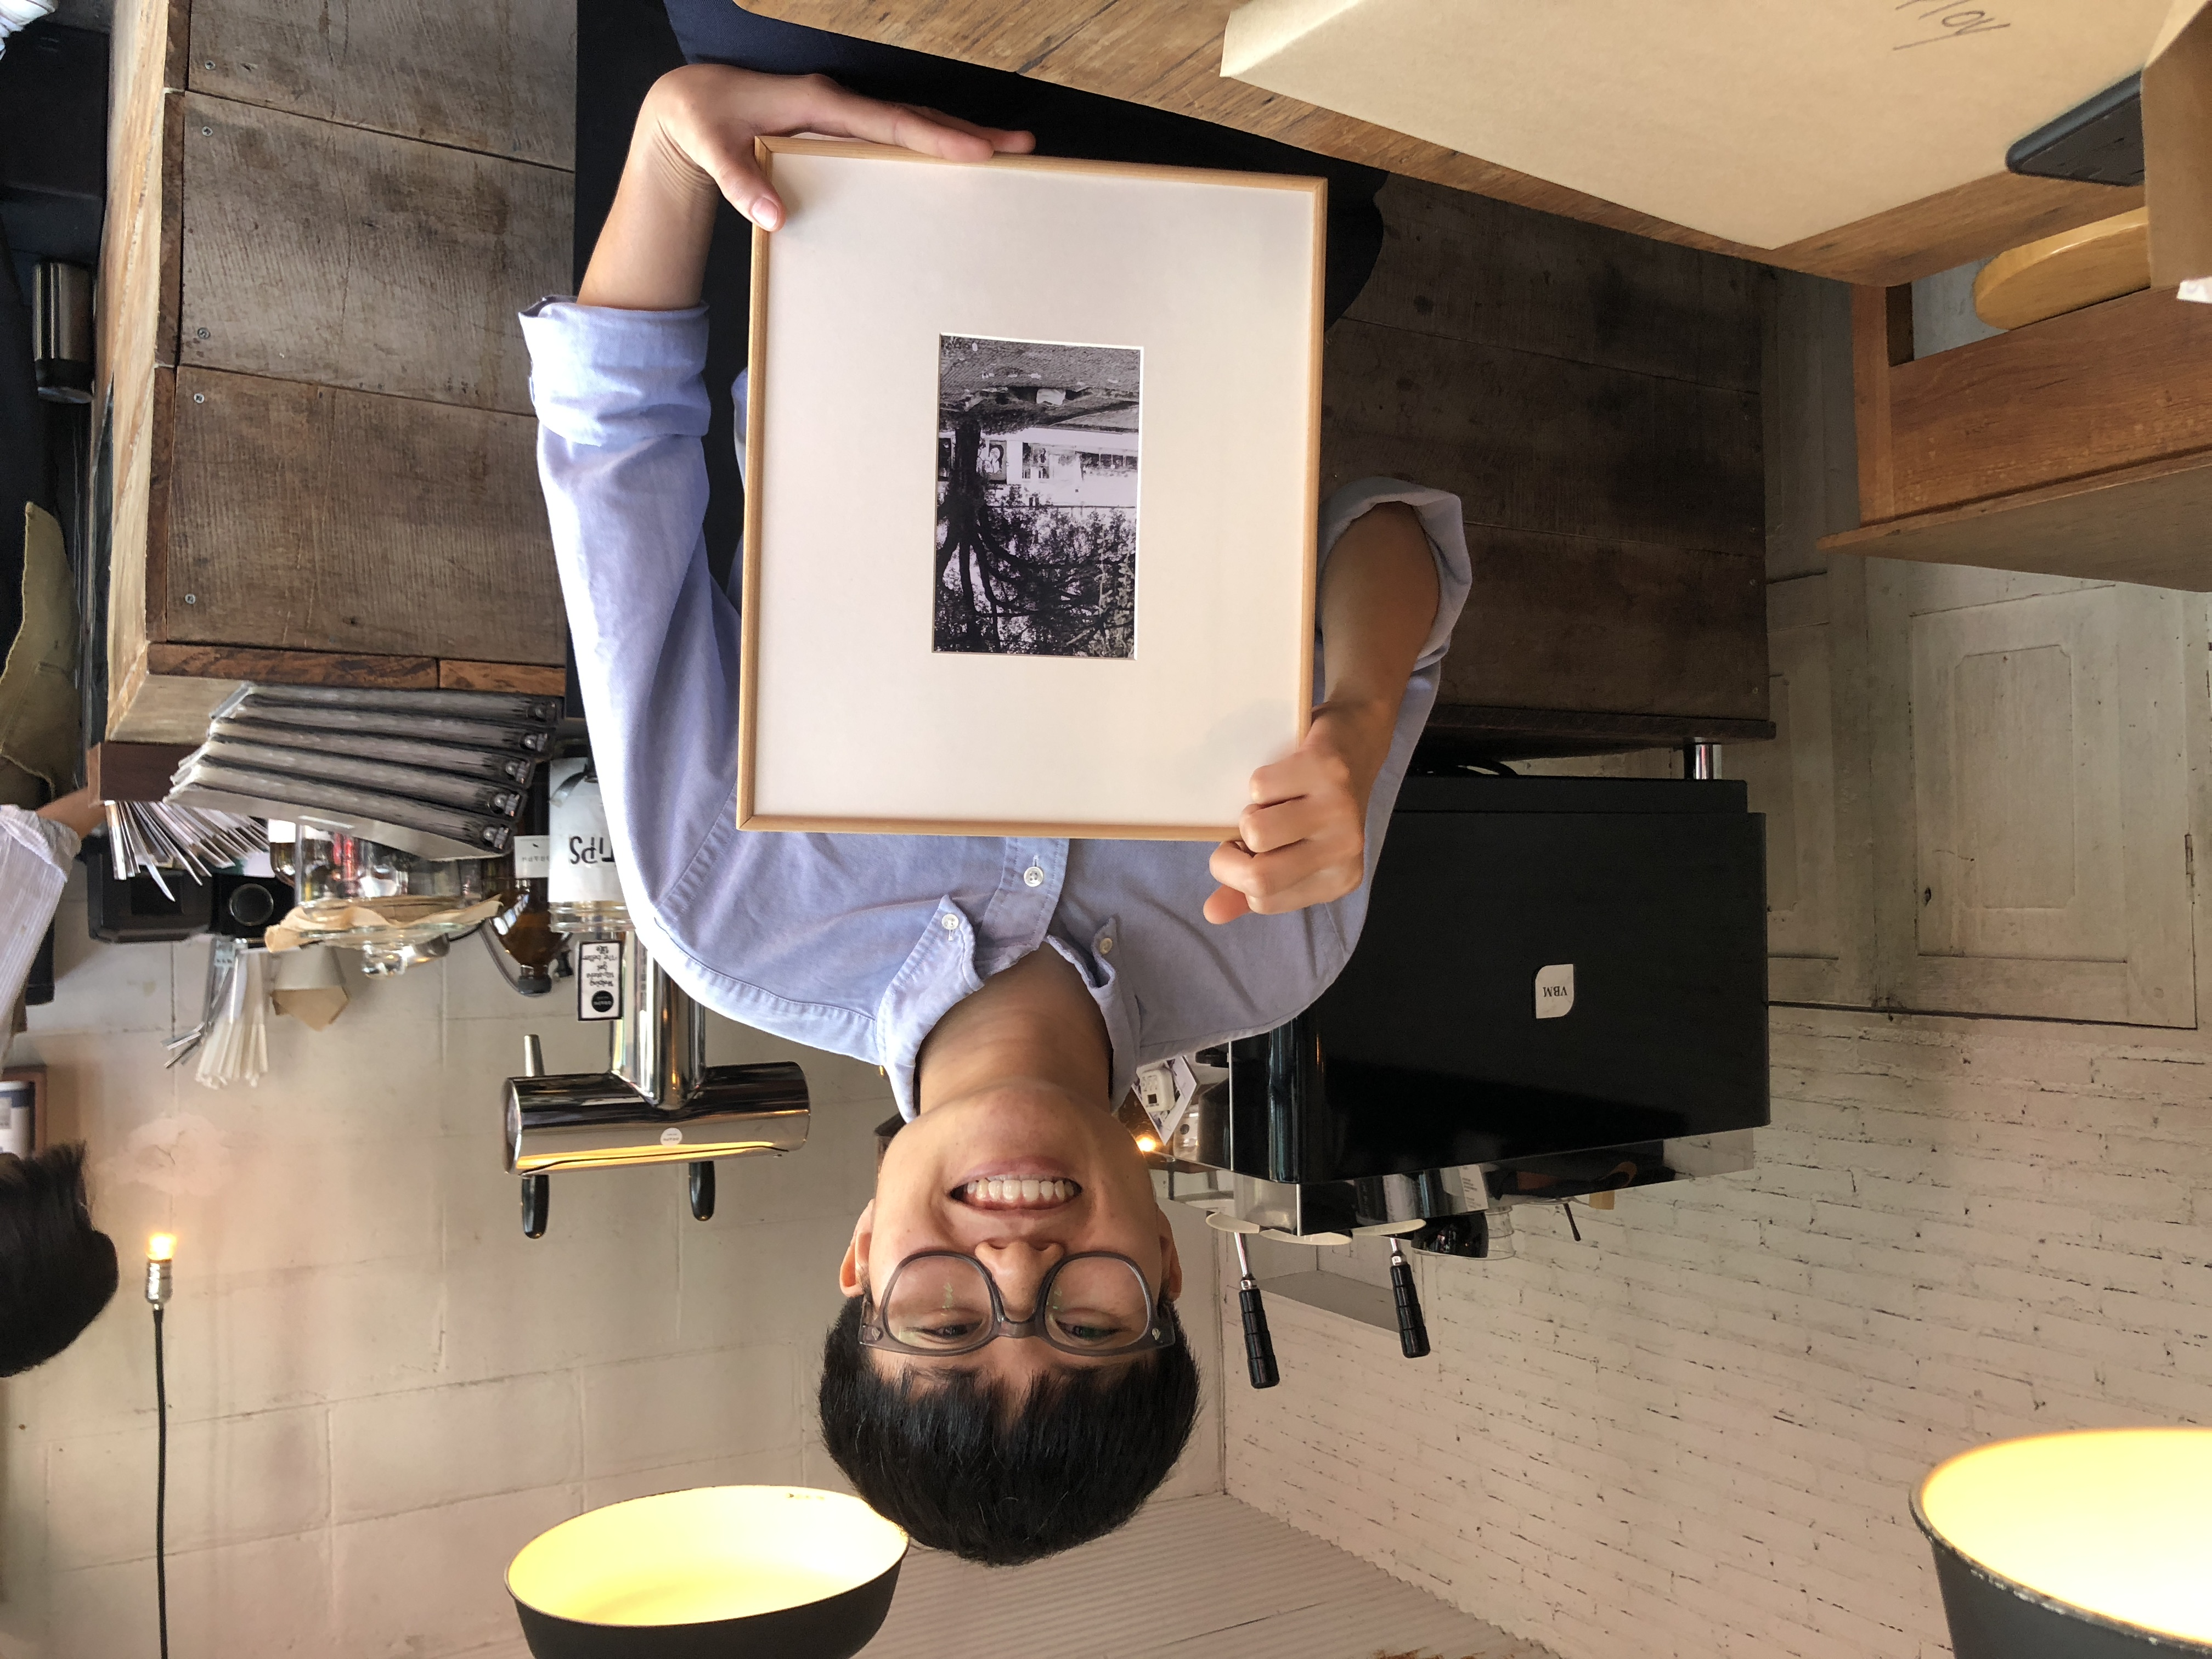 圖二:在4位受訪者中,讓曾律綺印象最深刻的是一名熱愛攝影的咖啡廳店員,她的故事就如同自己的旅程。圖片提供/曾律綺